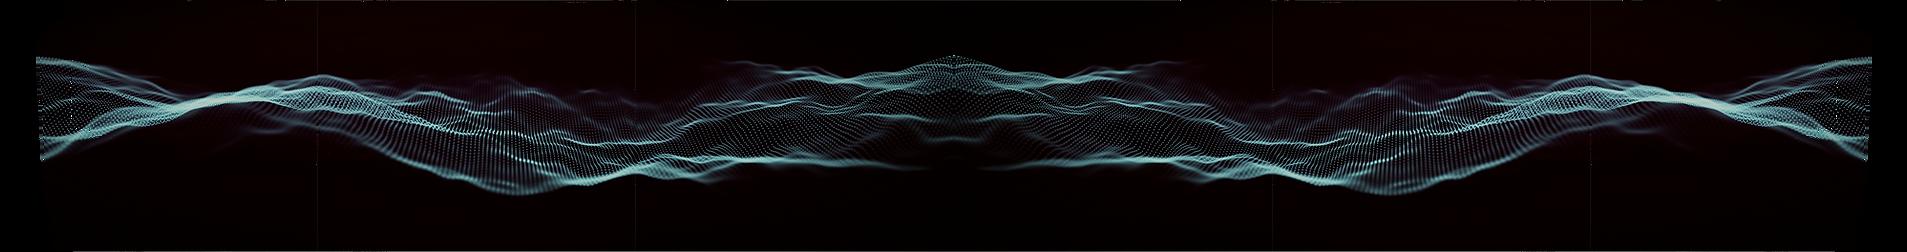 Waves_v02.png